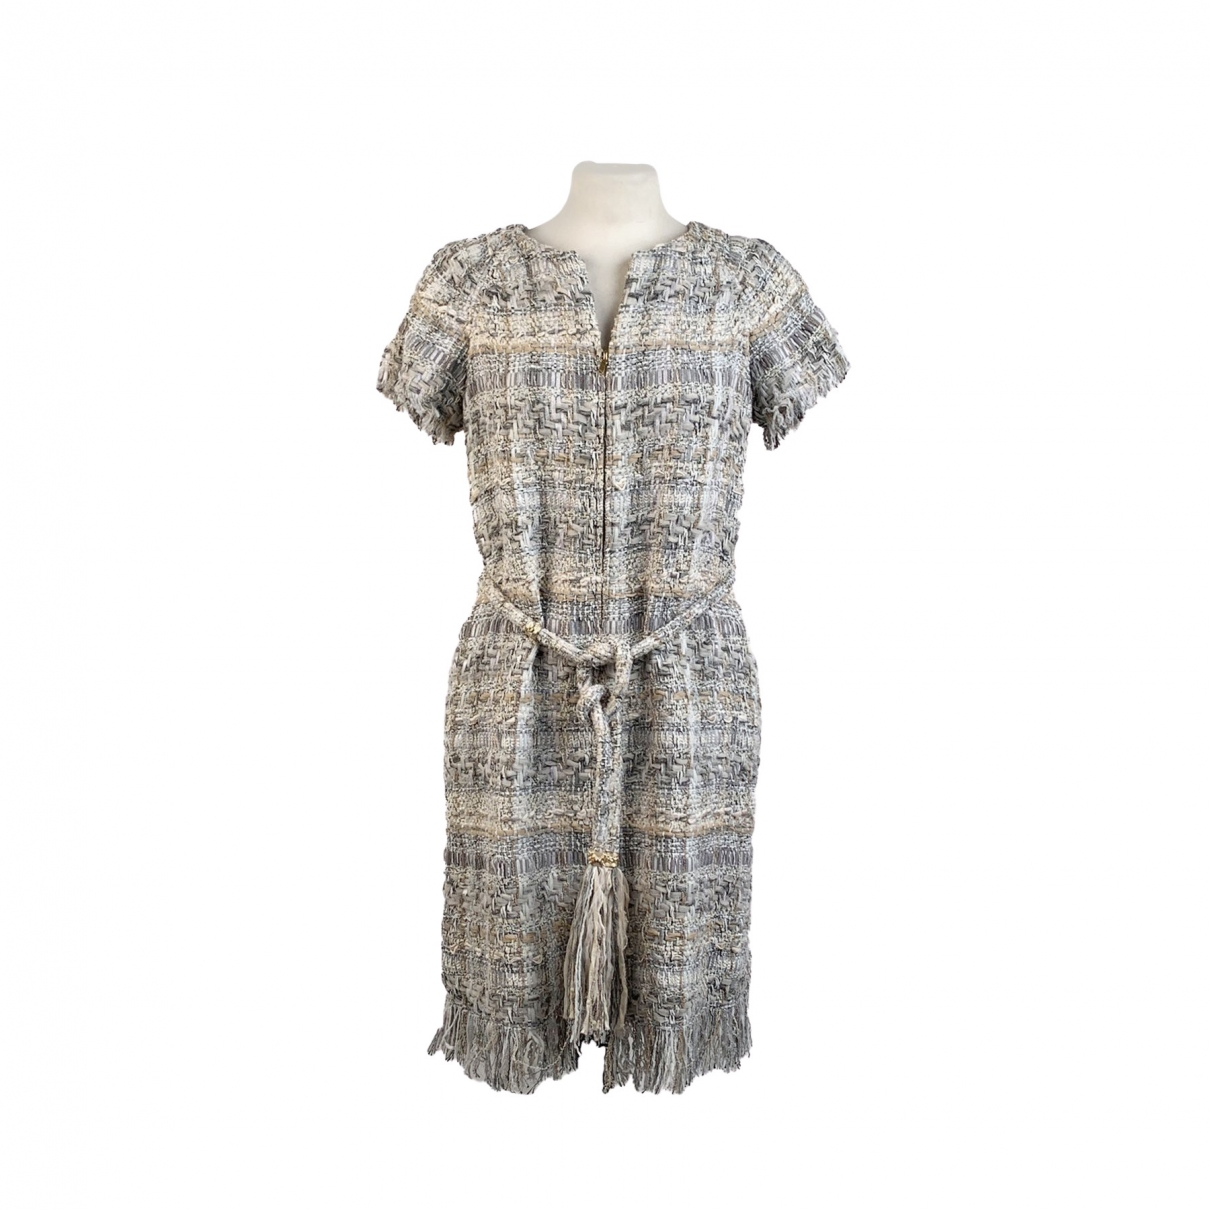 Chanel \N Kleid in  Grau Baumwolle - Elasthan